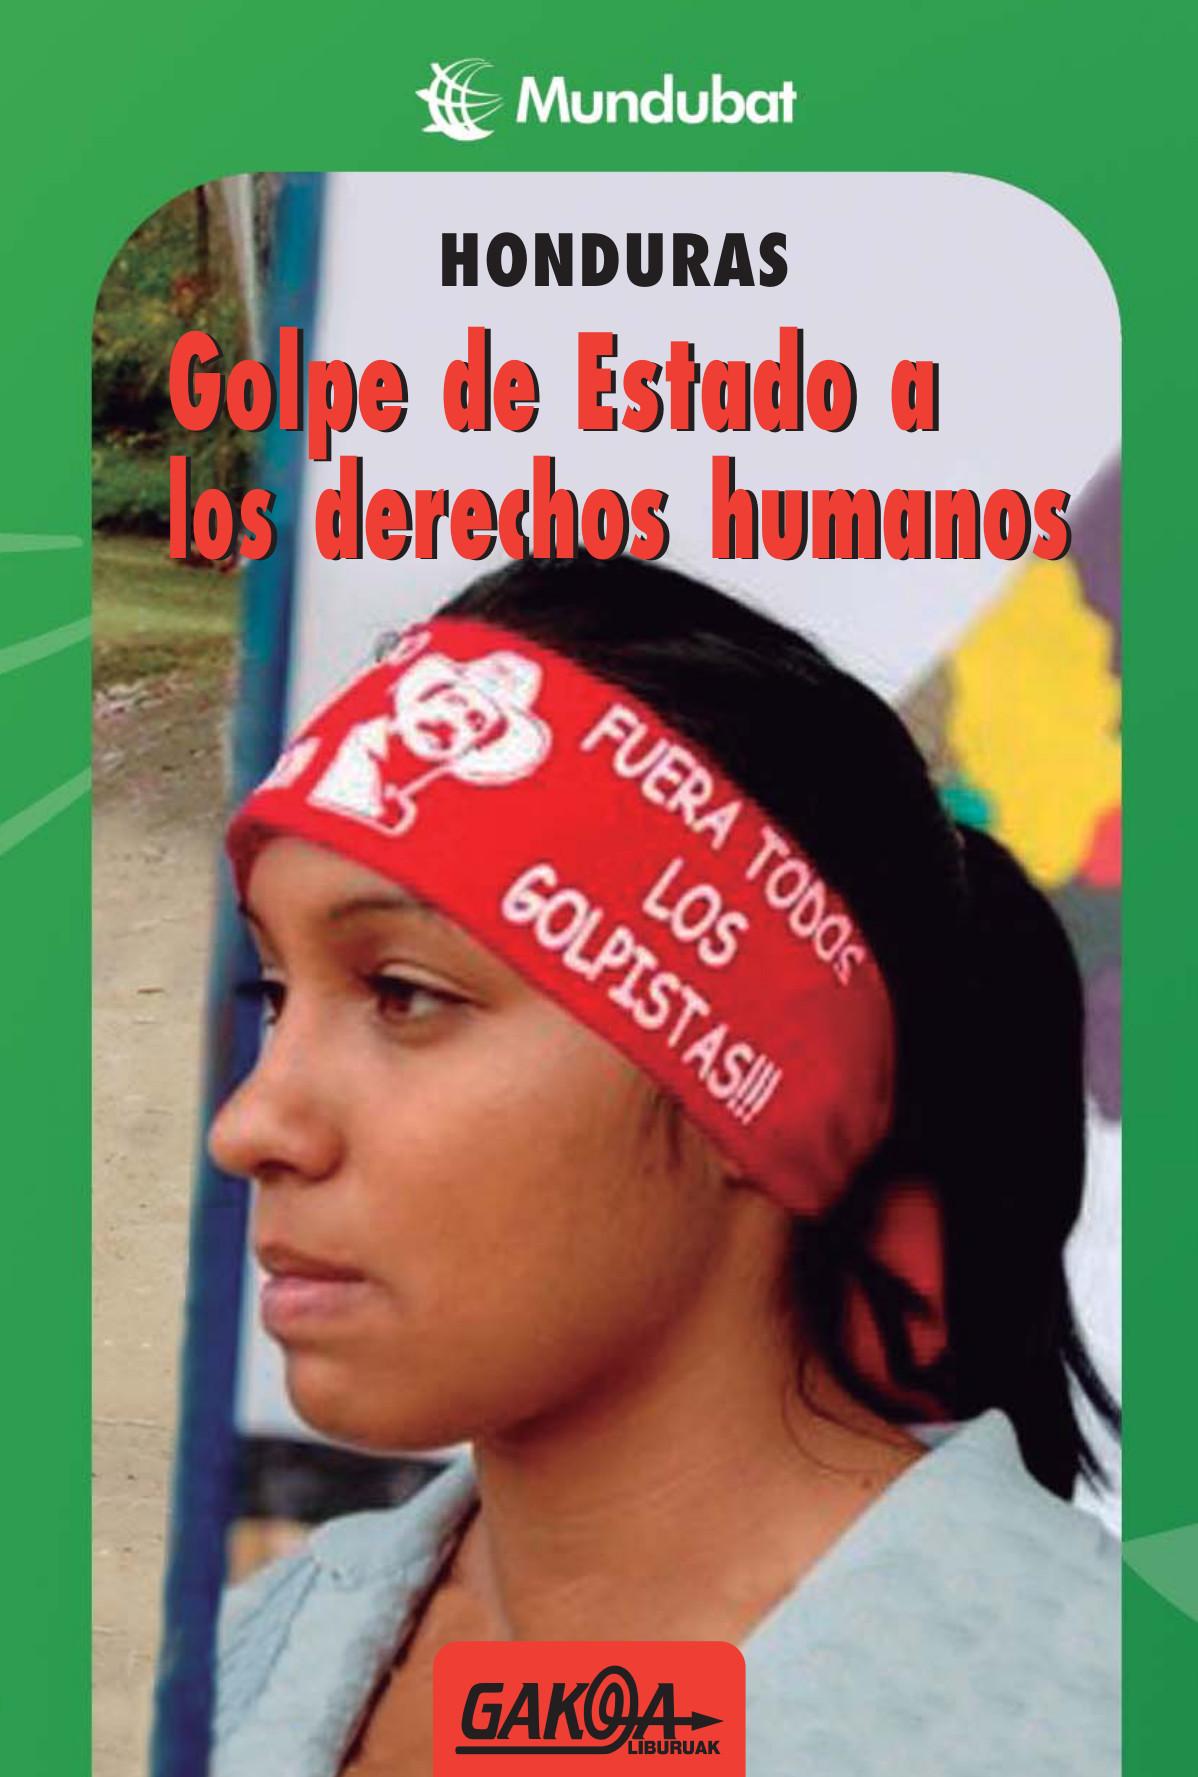 Libro-Liburua-Gakoa-14-honduras-golpe-de-estado